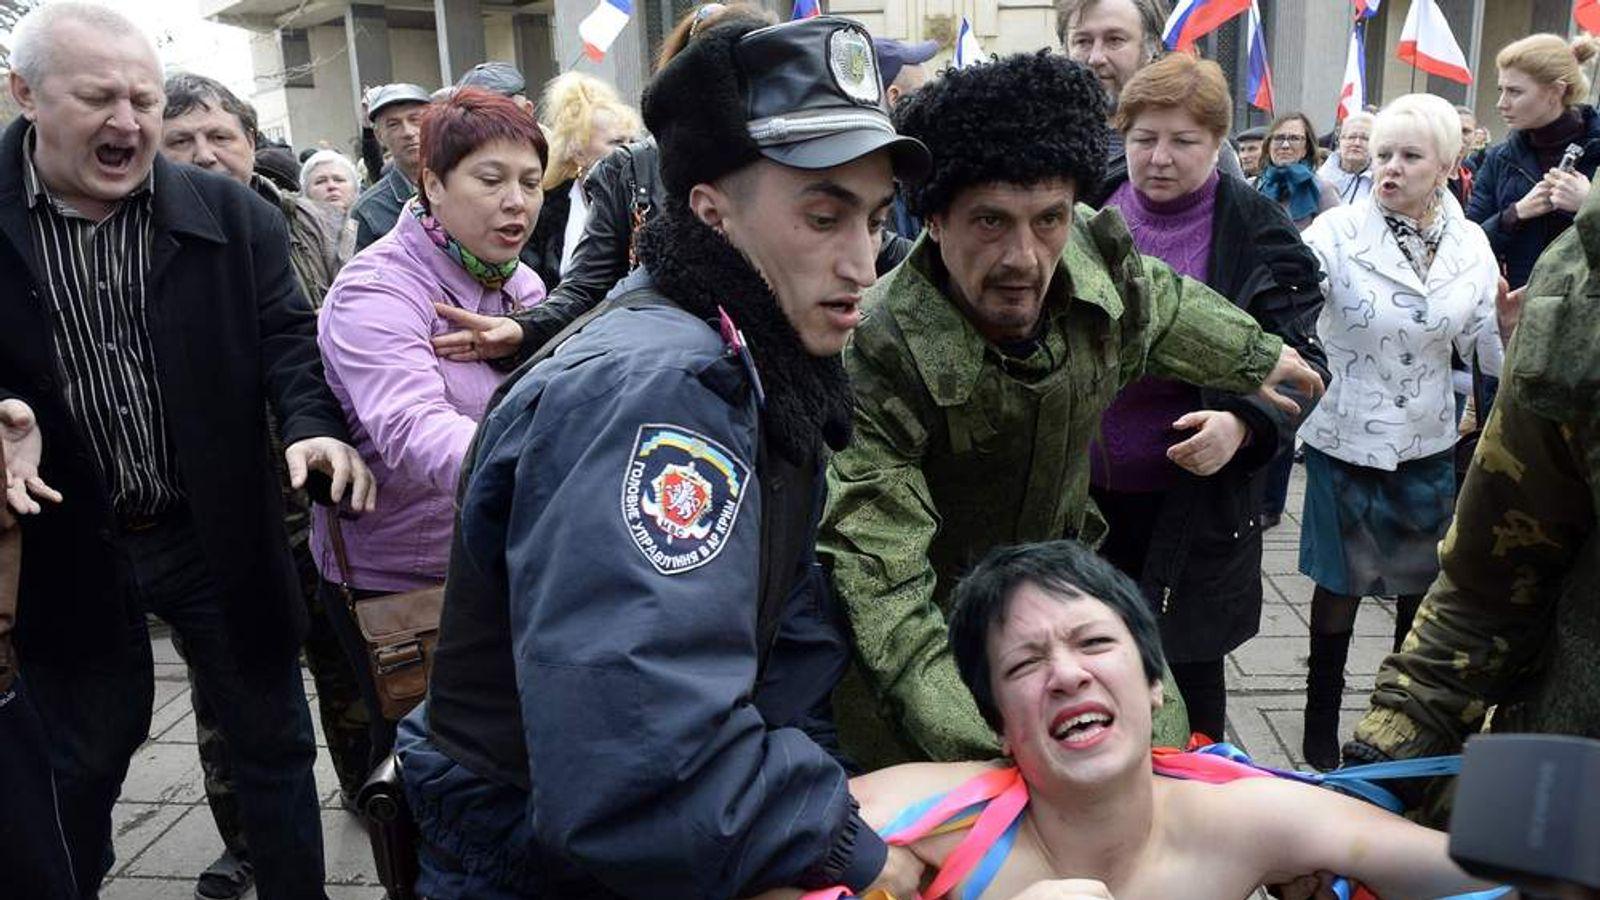 UKRAINE-RUSSIA-POLITICS-UNREST-CRIMEA